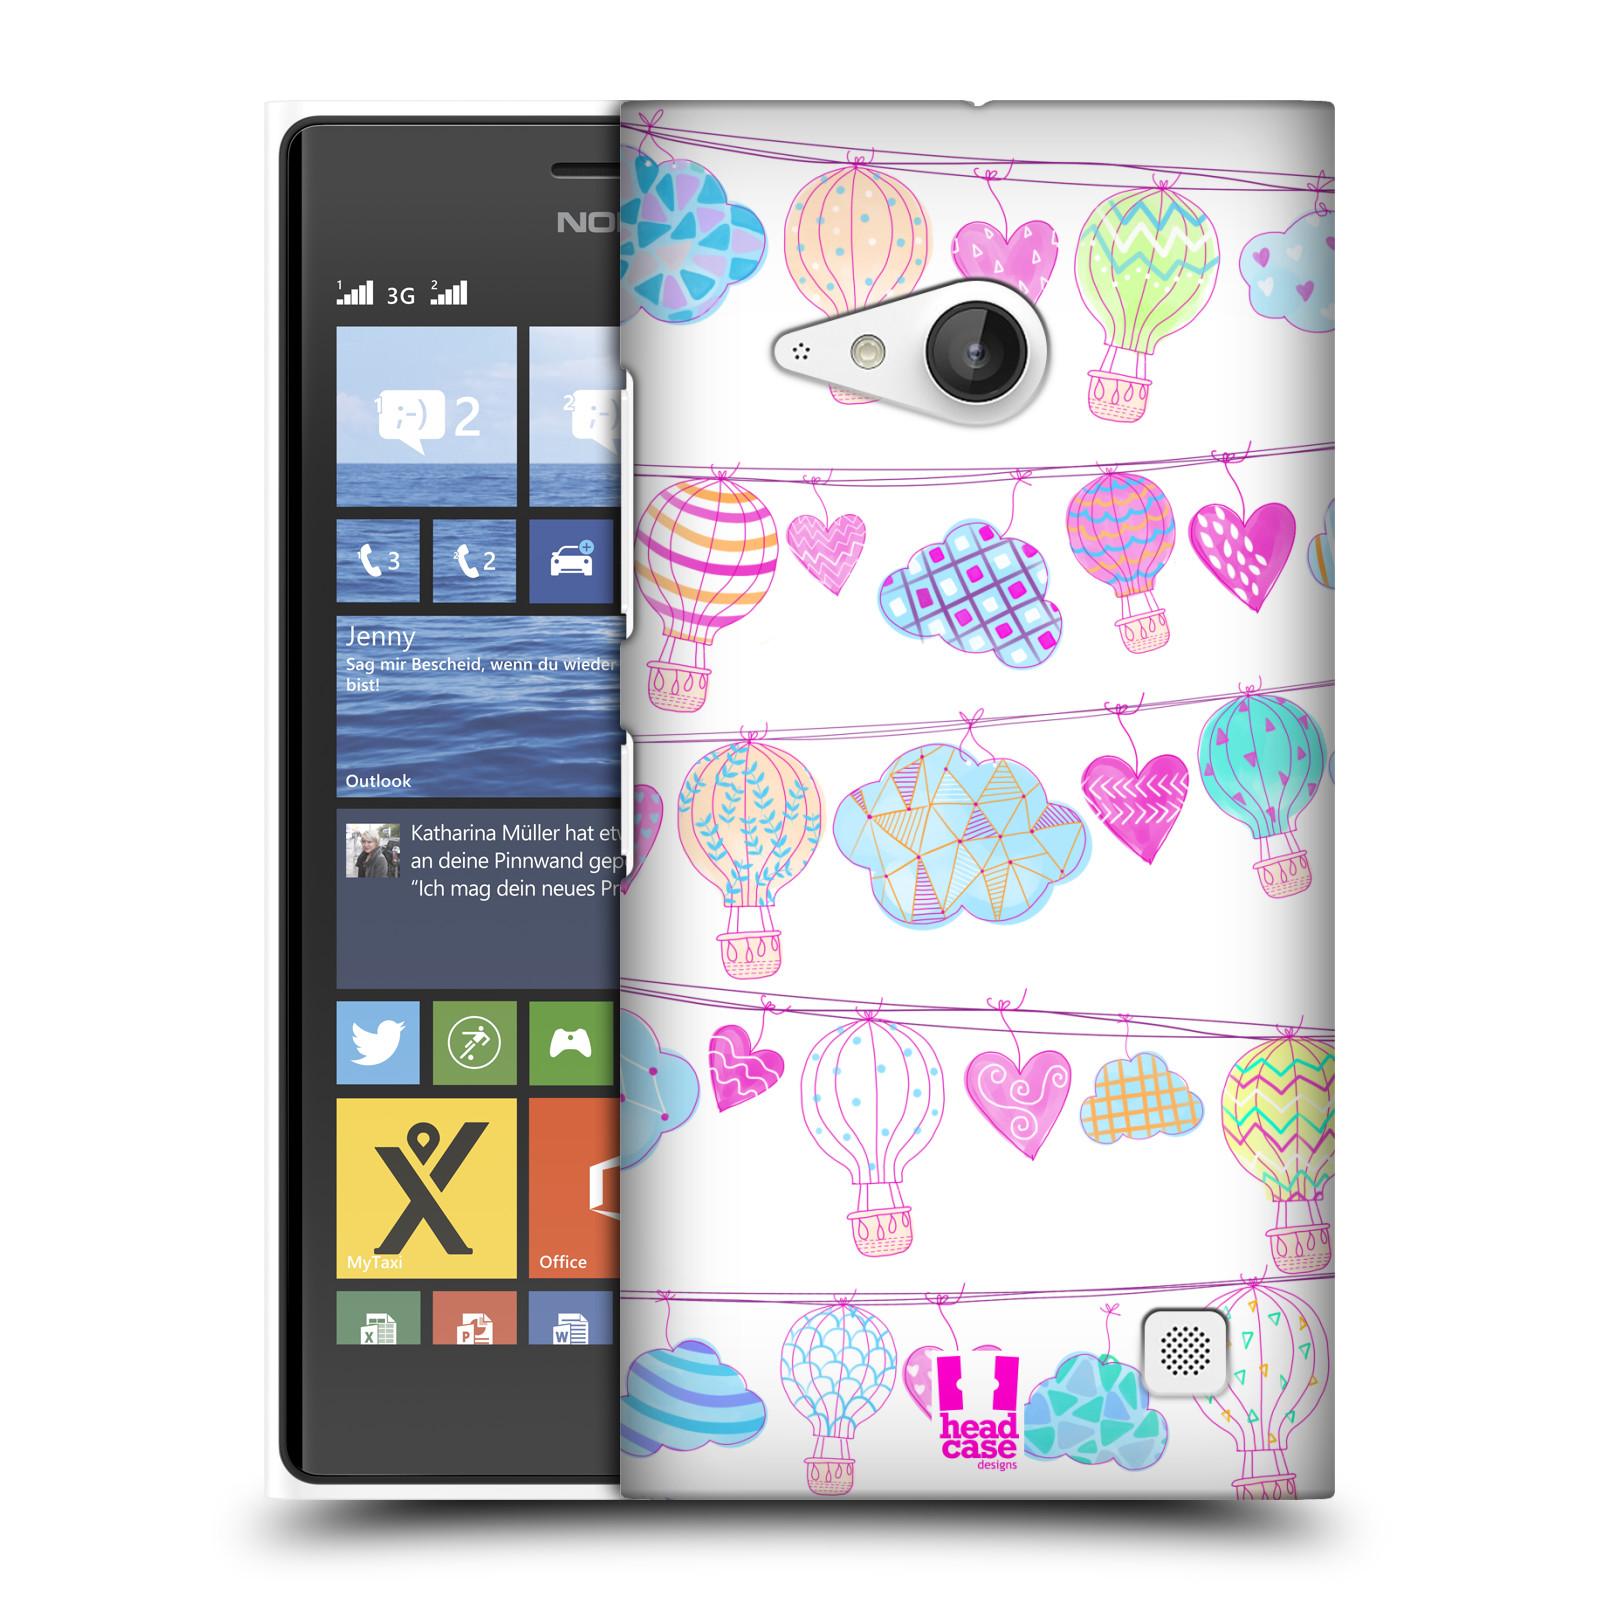 Plastové pouzdro na mobil Nokia Lumia 730 Dual SIM HEAD CASE Balóny a srdíčka (Plastový kryt či obal na mobilní telefon Nokia Lumia 730 Dual SIM)